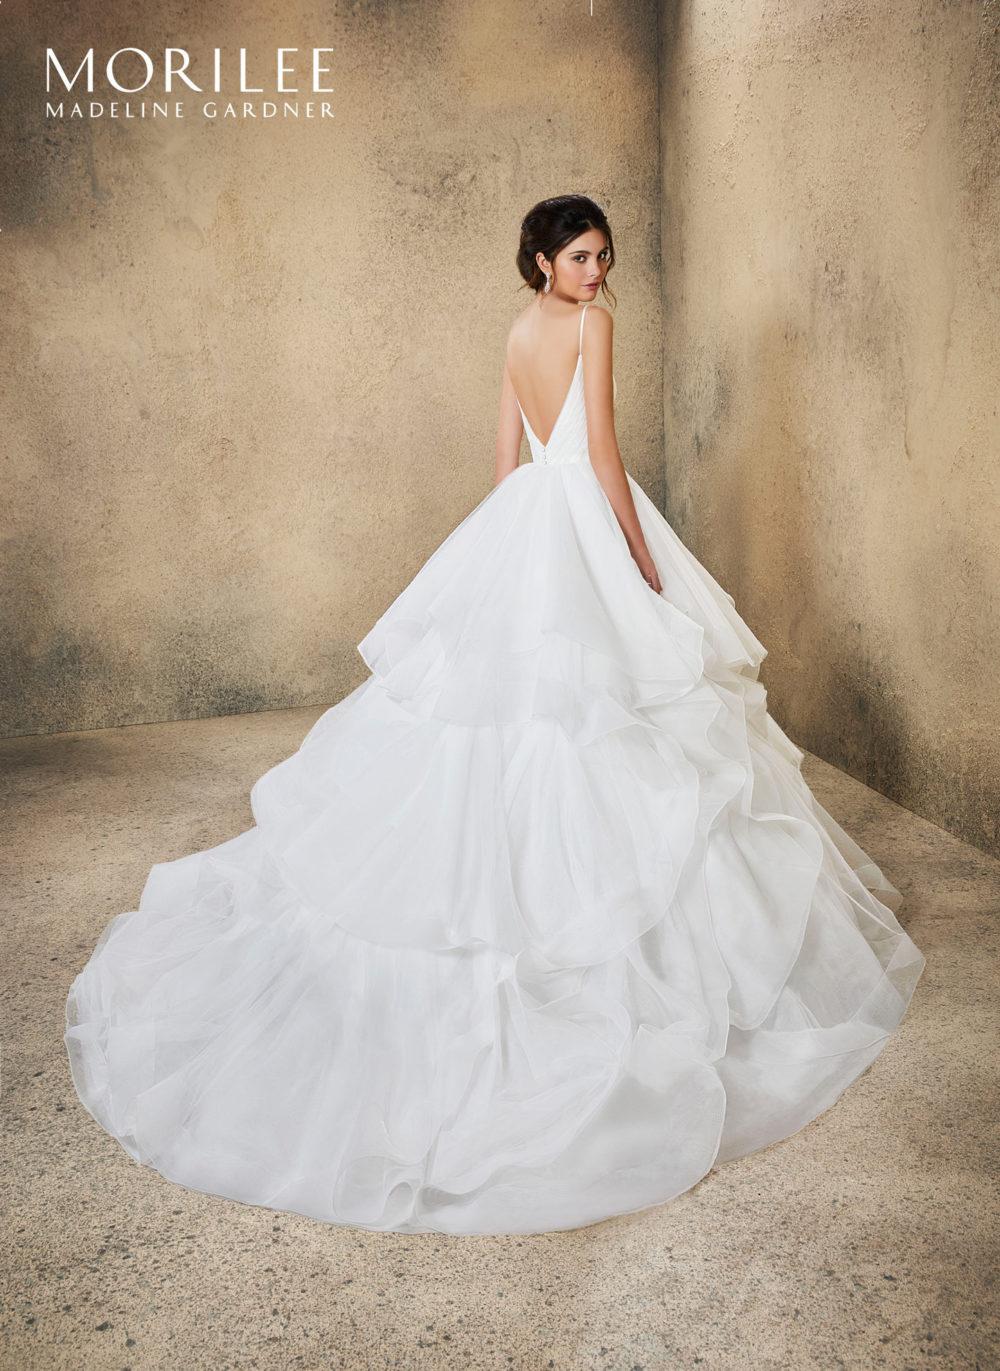 Mariages: abito da sposa Morilee 2020 a Vicenza, Verona, Padova, Veneto 5776